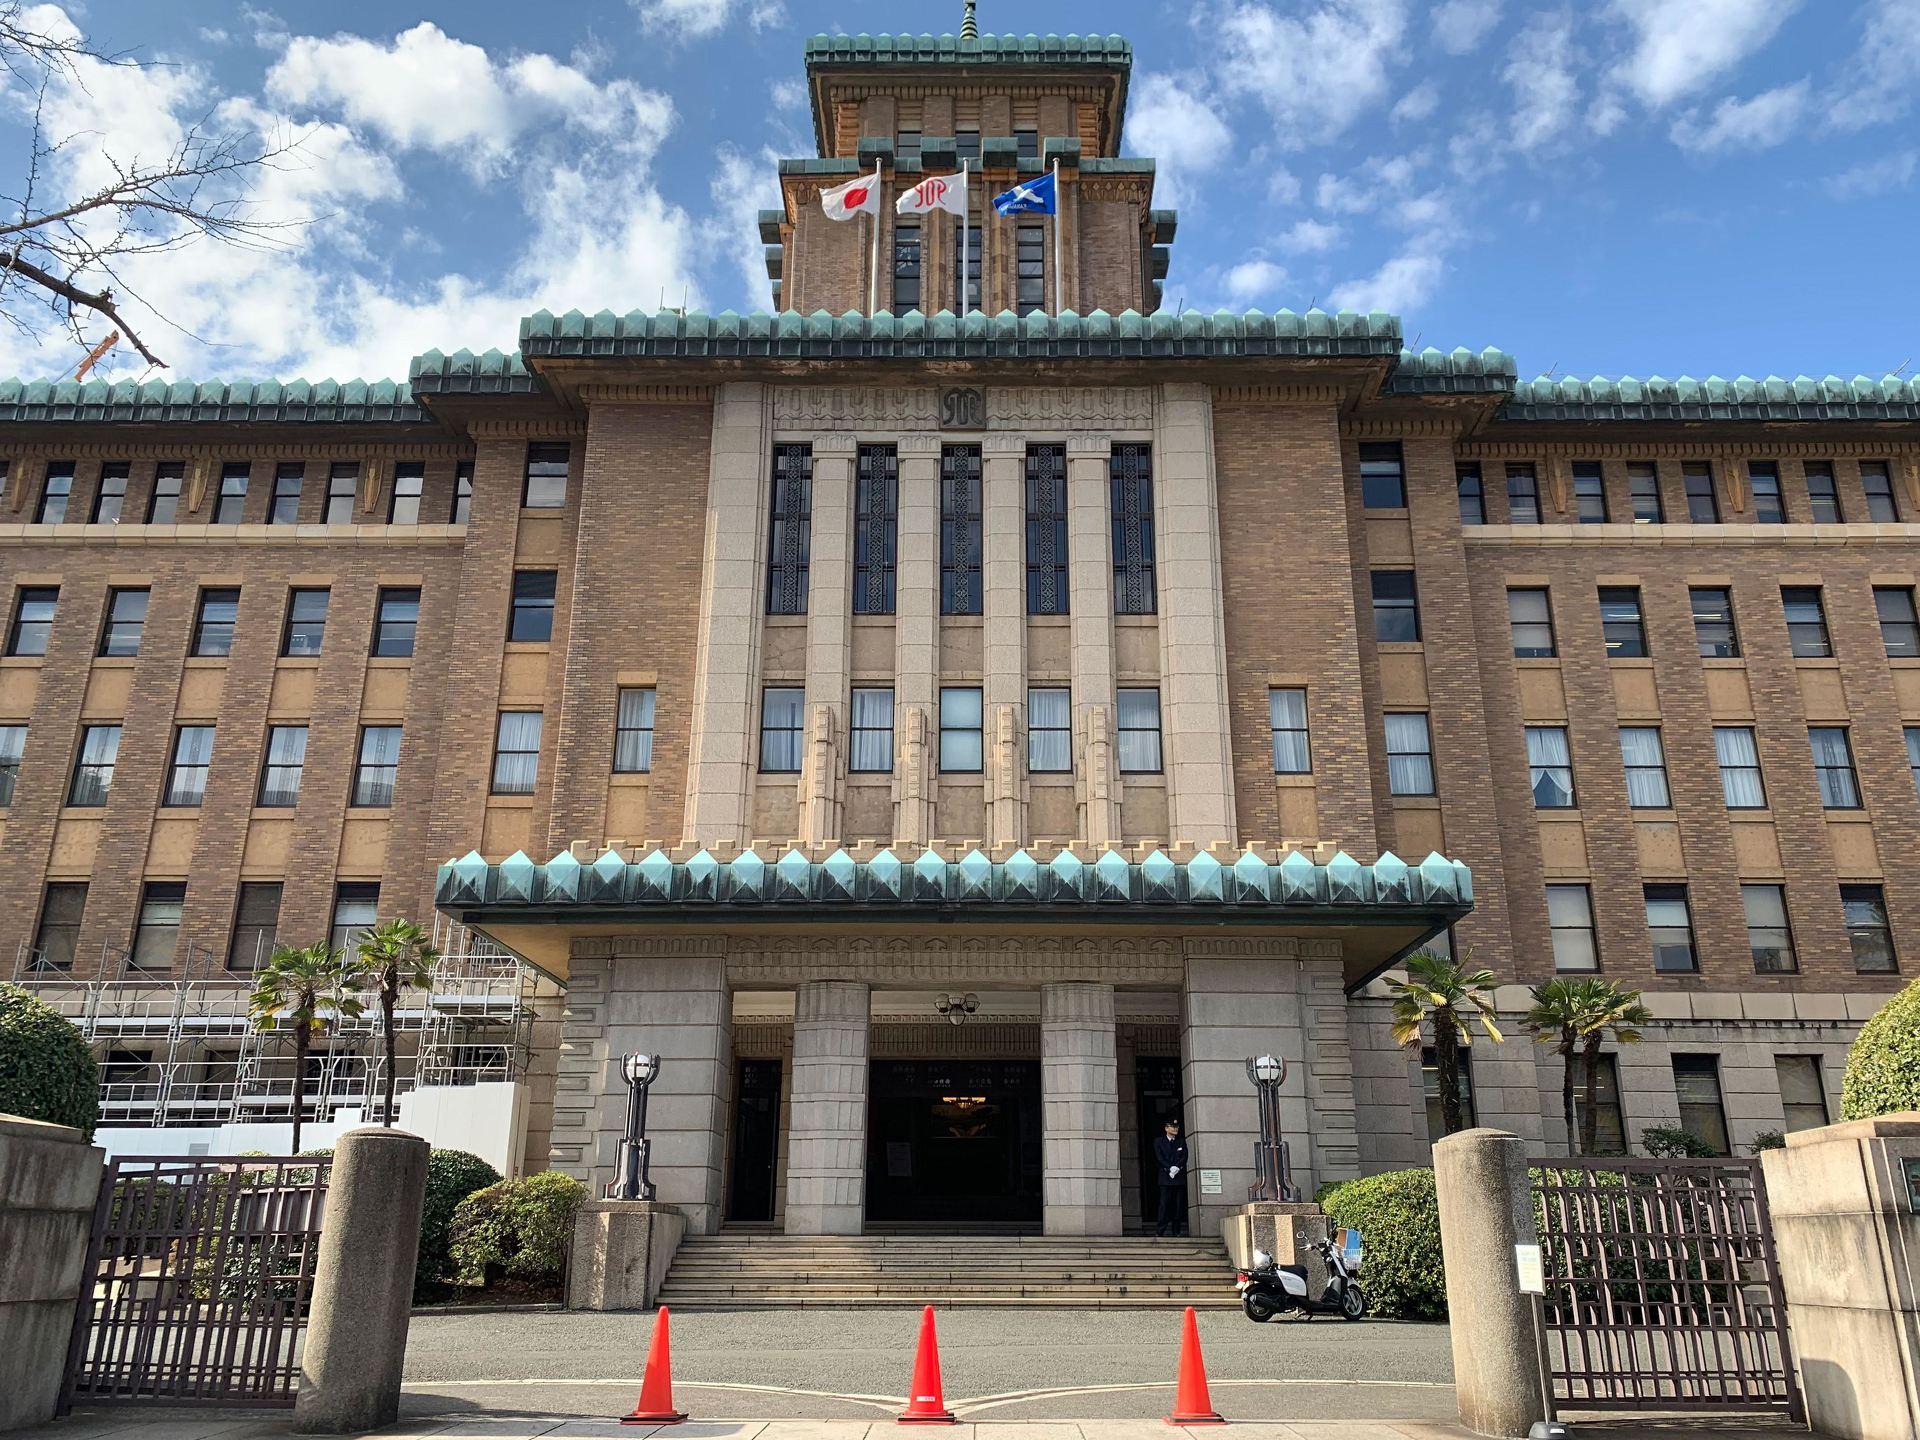 個人情報が保存された神奈川県庁のHDD計54TB、転売される 処理会社の従業員が横領 (1/2)